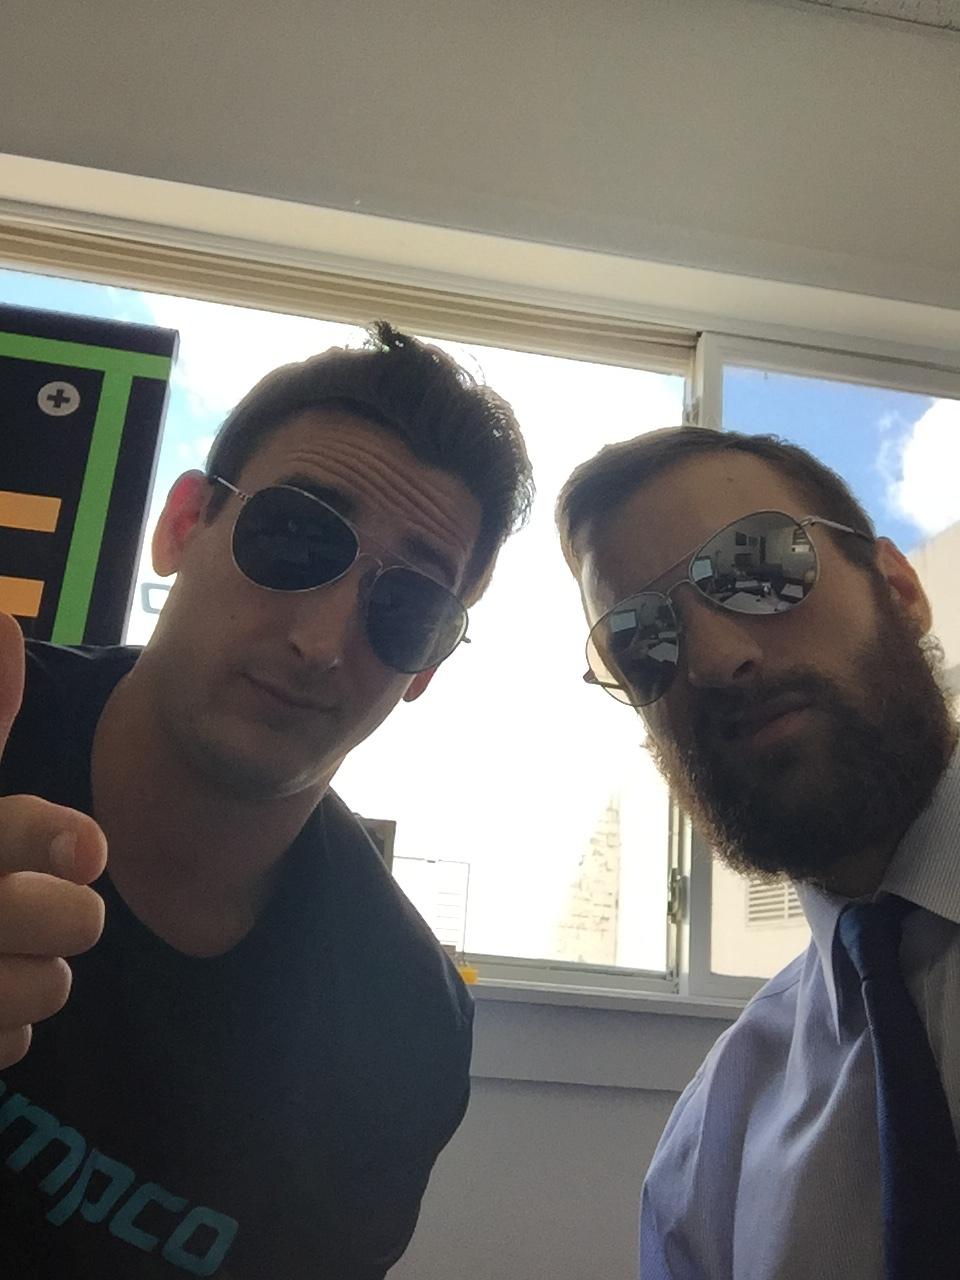 James Foti and Alex Jankovsky keepin' it cool at work